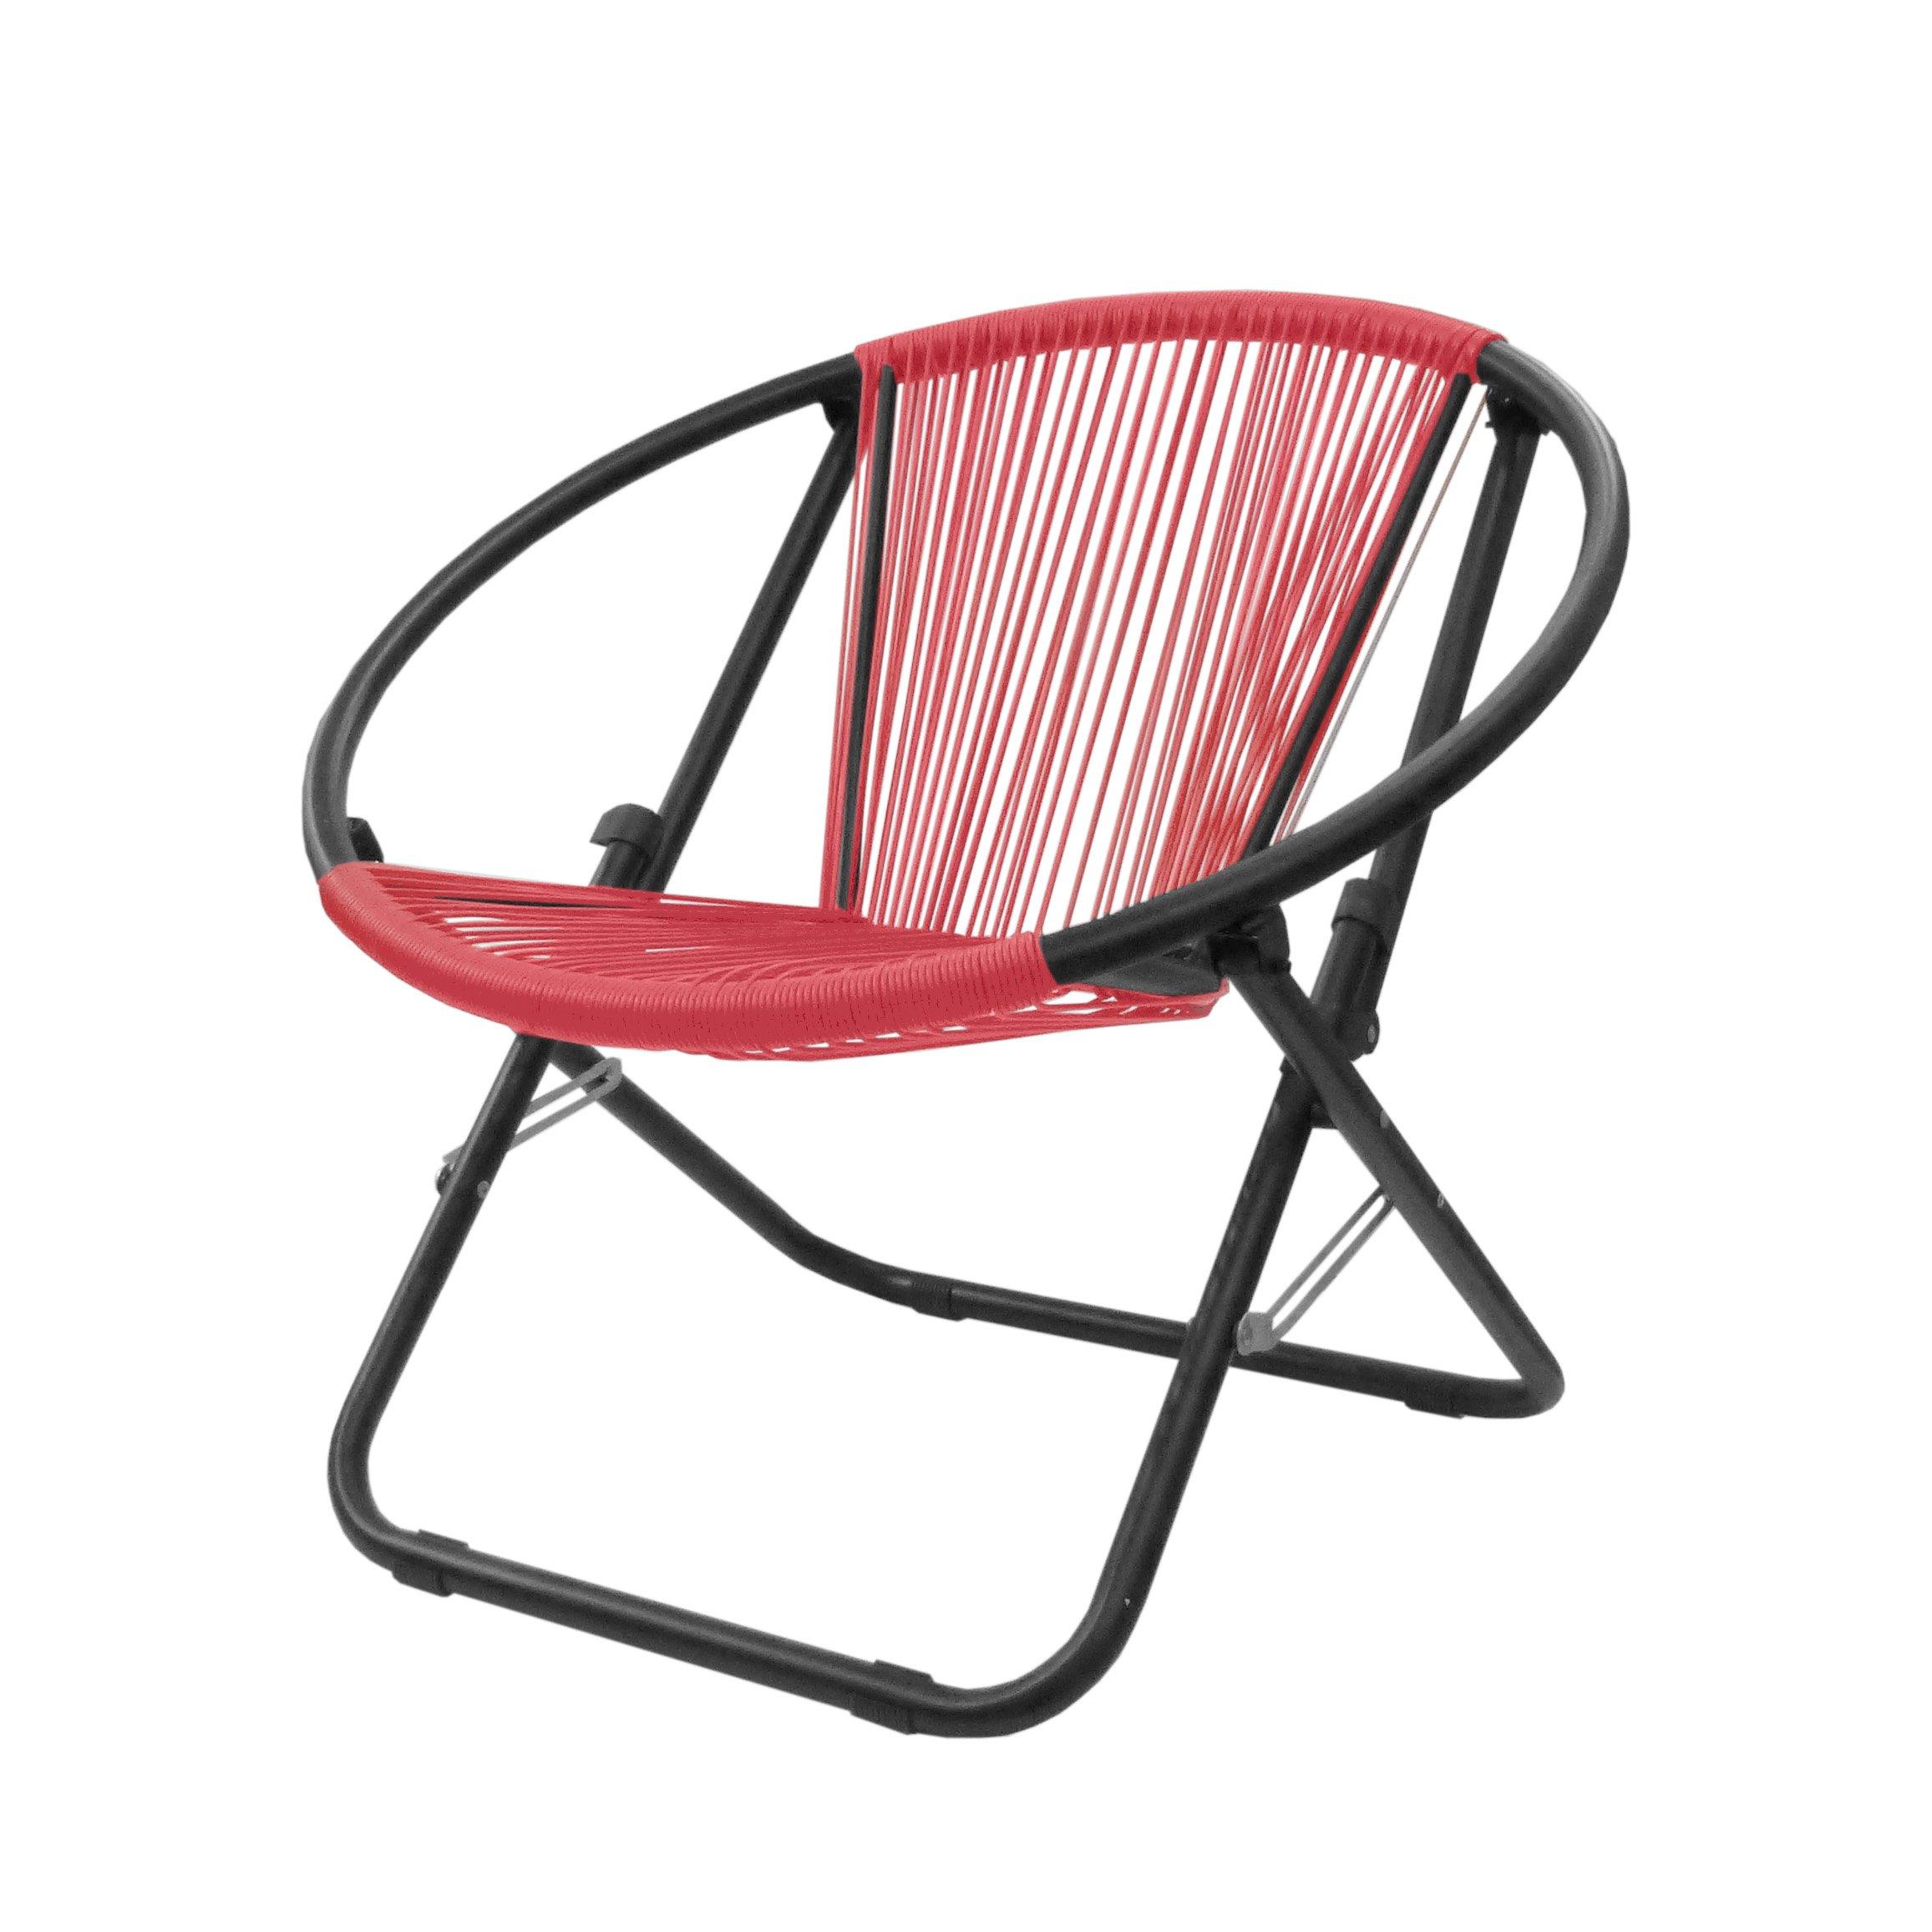 Urban Shop Outdoor Woven Chair, Coral